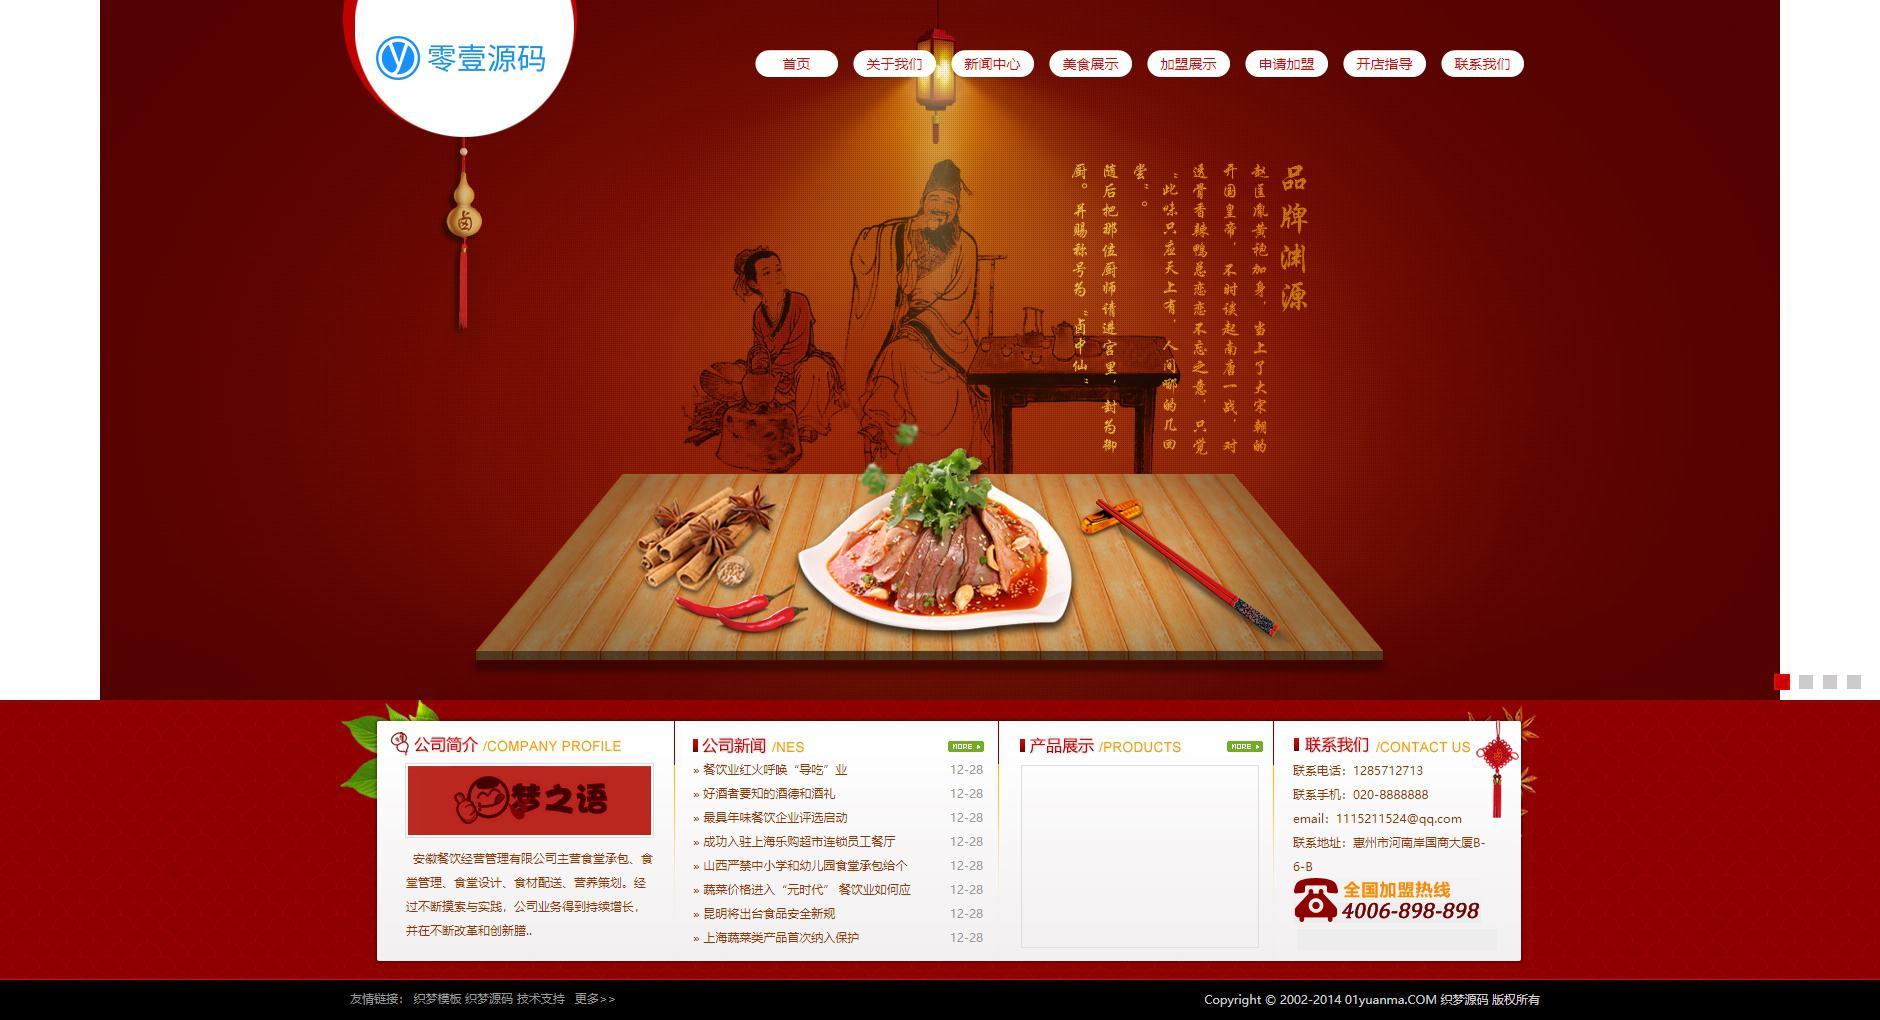 餐饮饮食食品类企业织梦dedecms模板